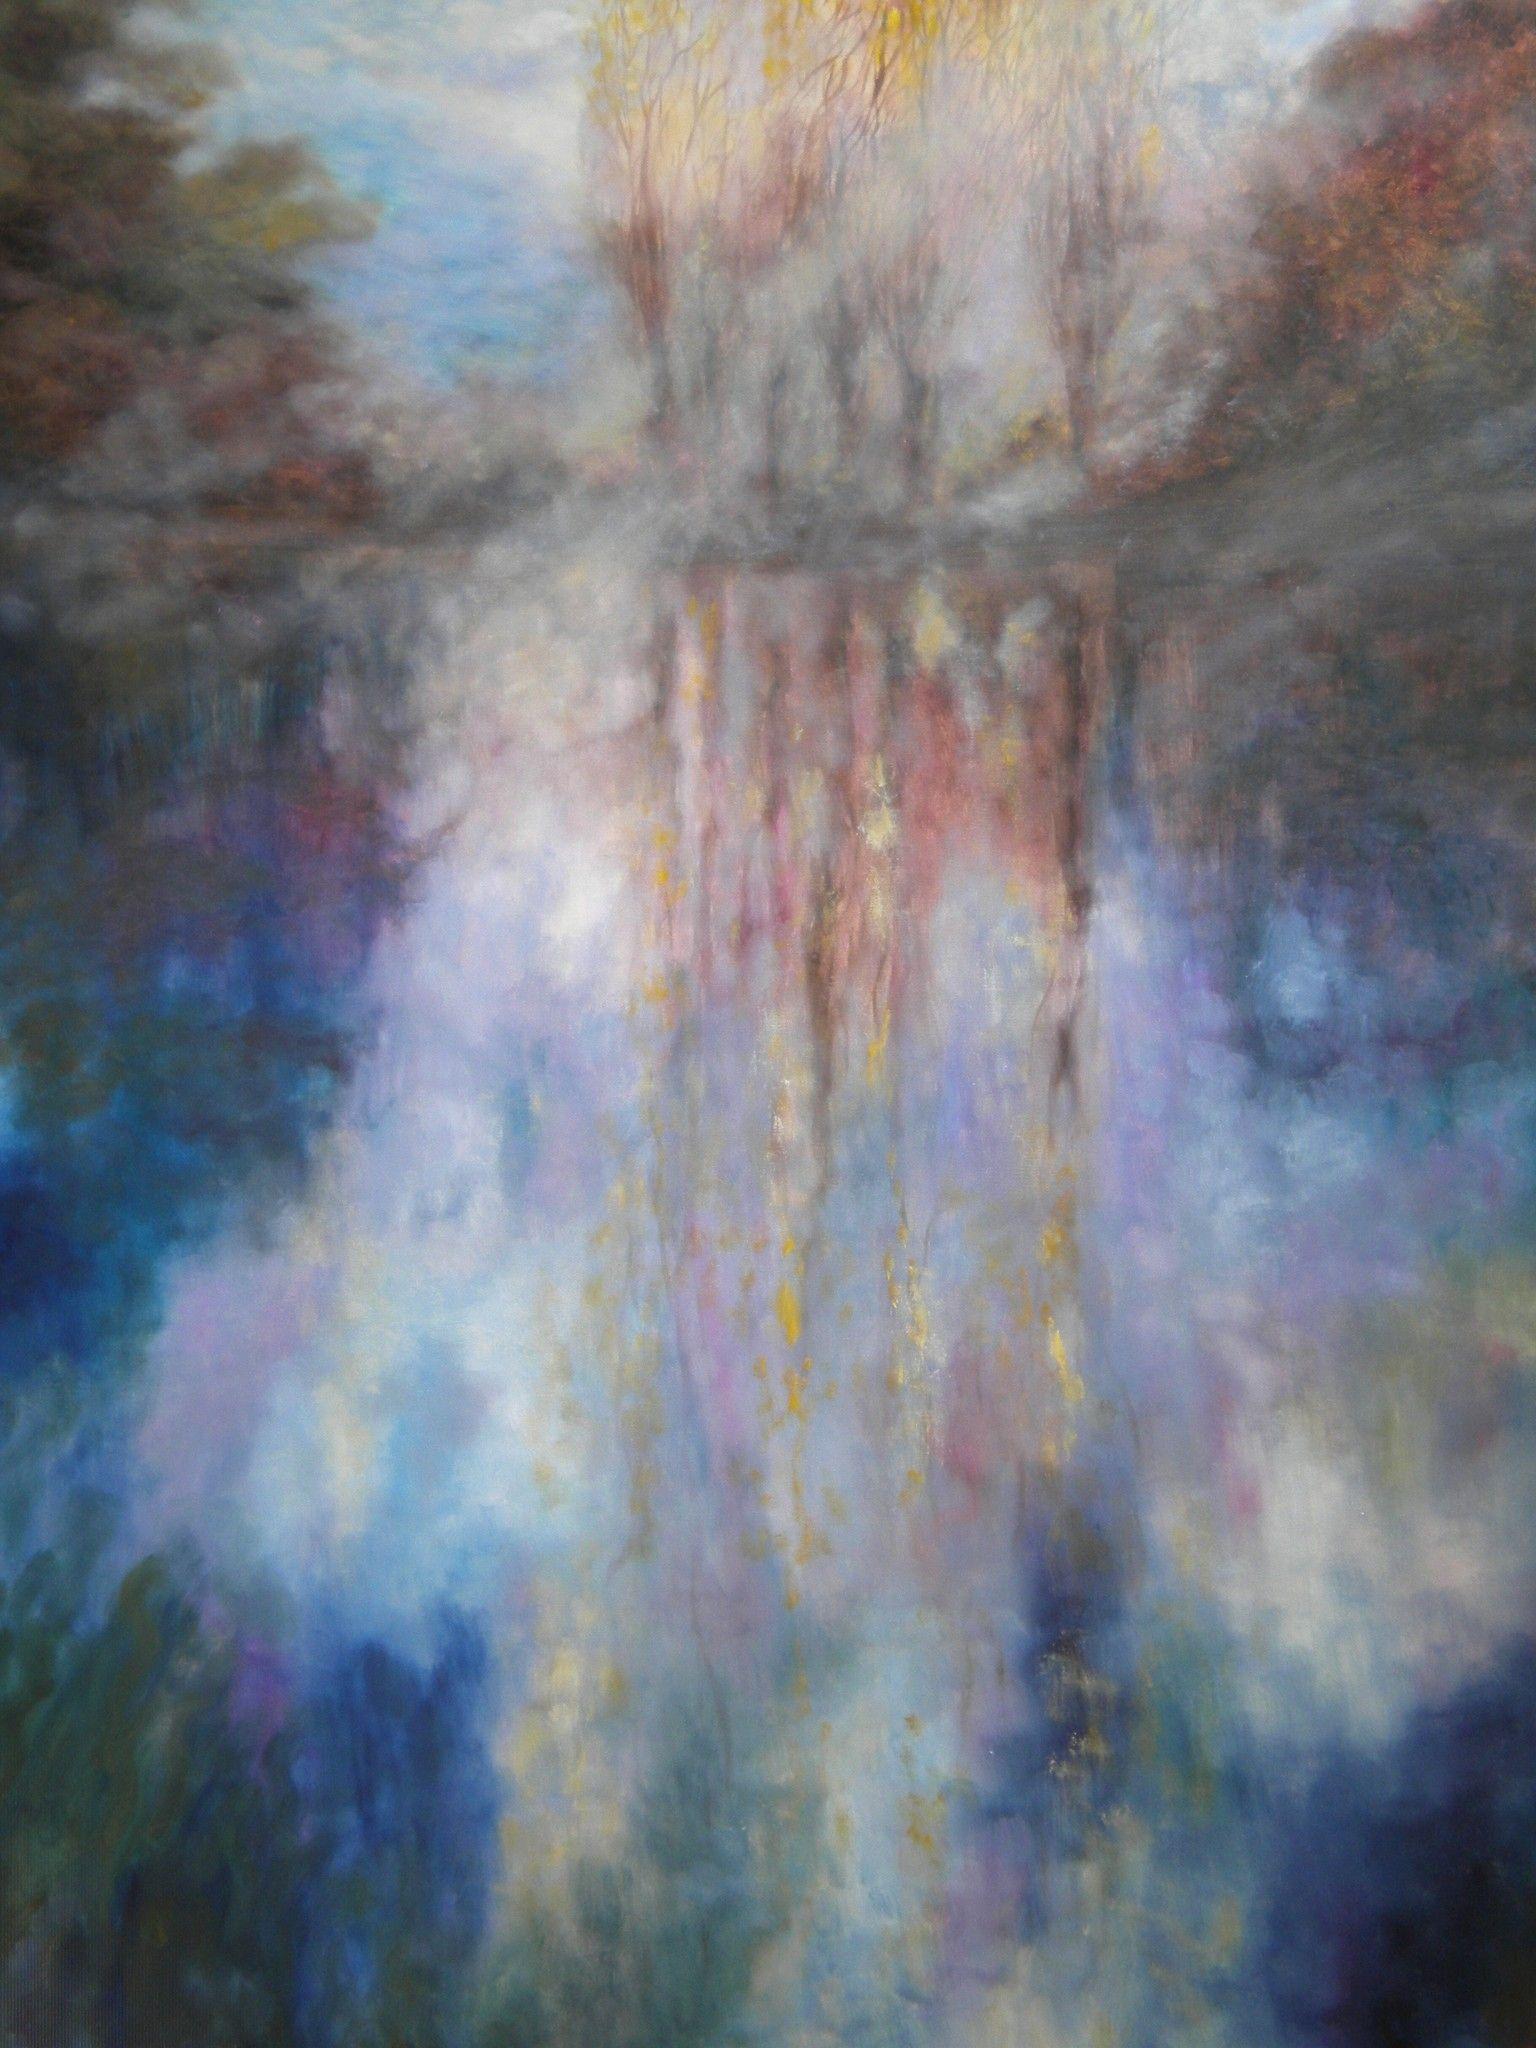 """OLIO SU TELA MIRELLA SCOTTON """" MAGICO AUTUNNO """"  dimensioni L 120 x H 150 cm."""